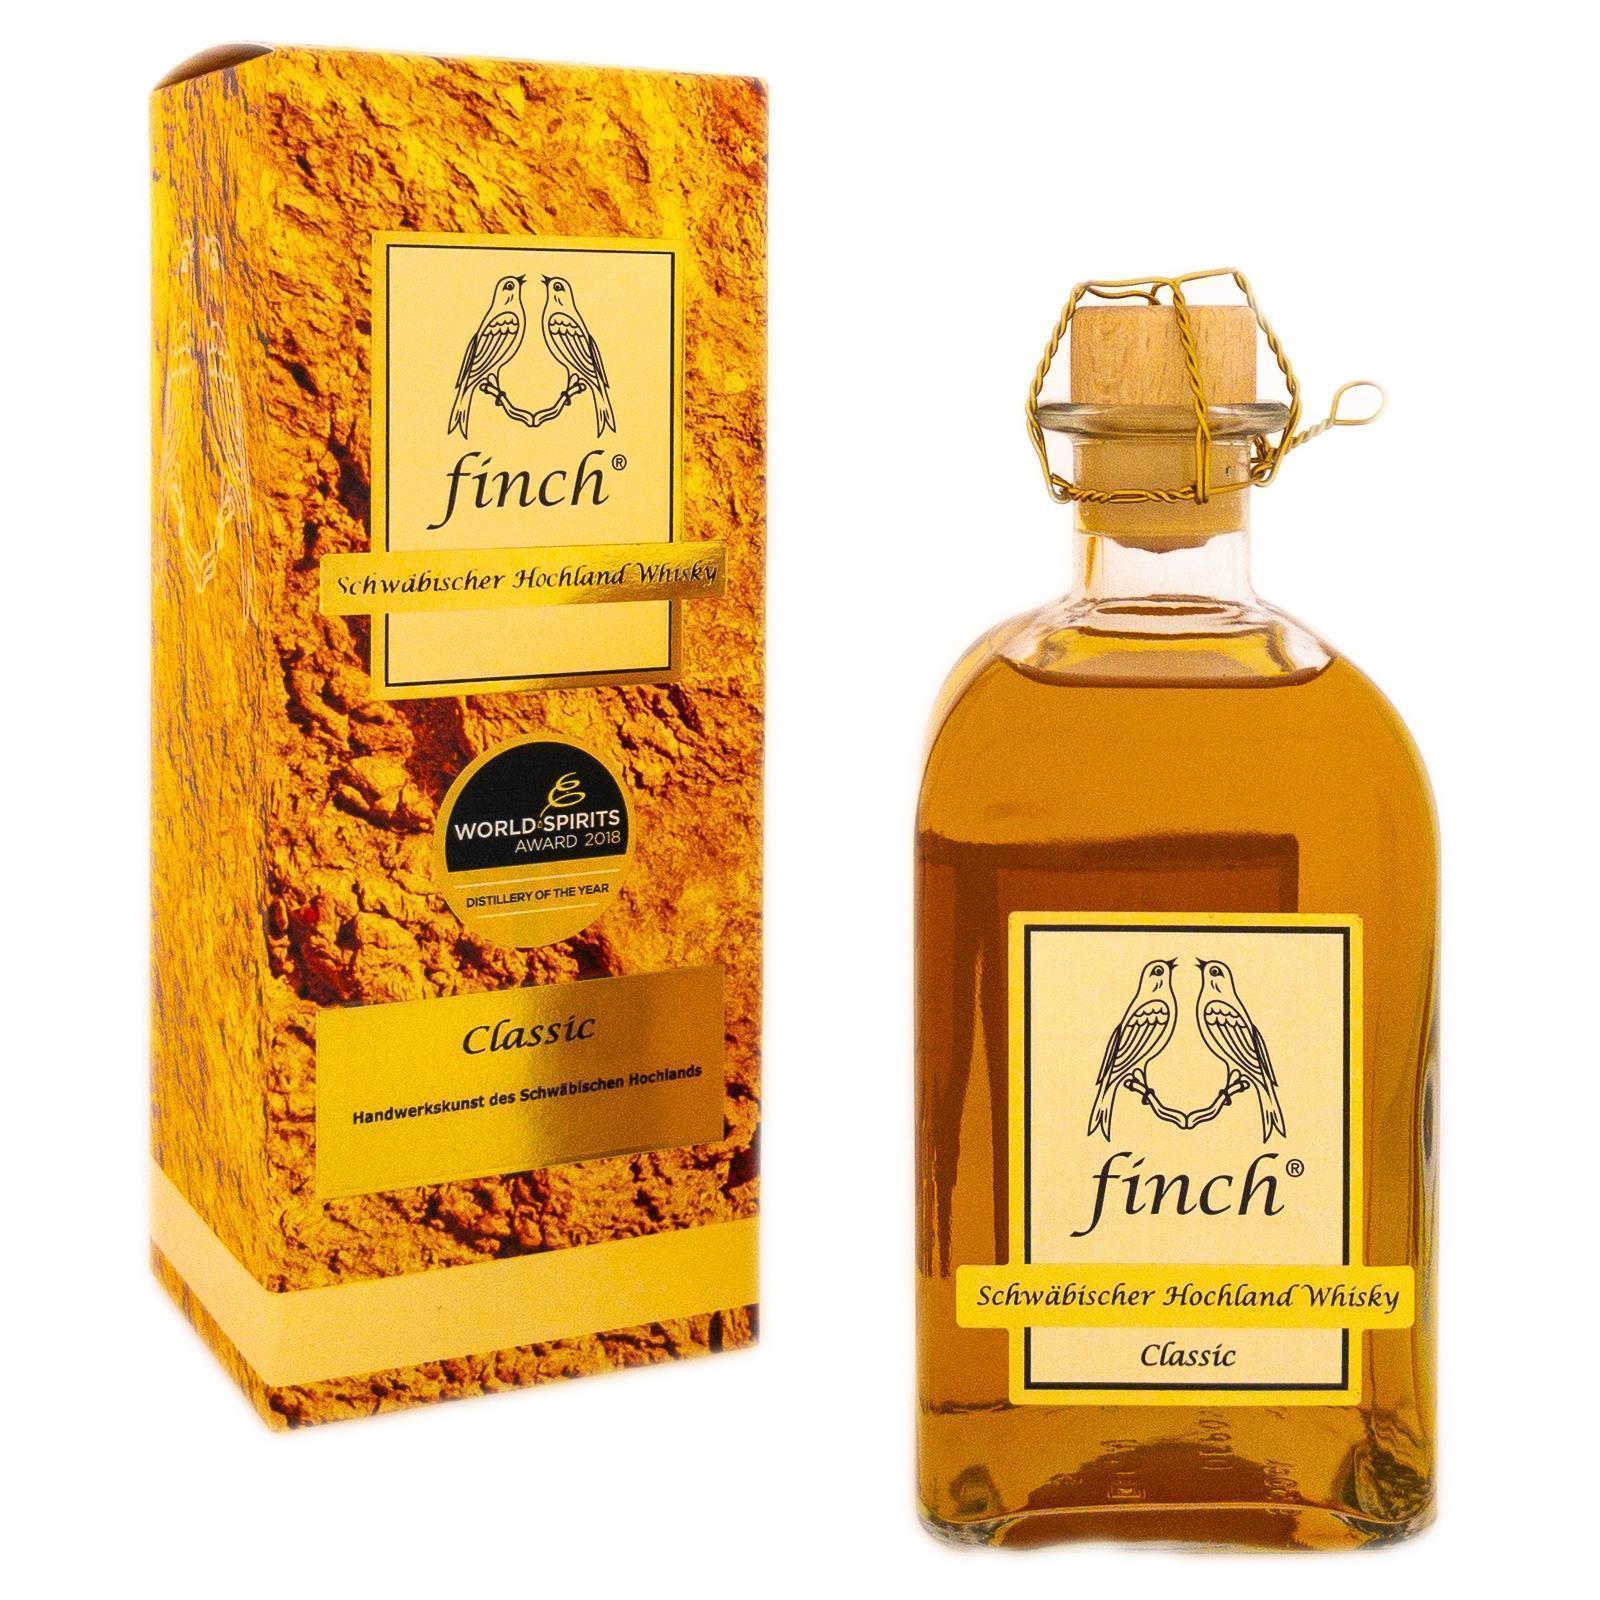 Finch Classic Schwäbischer Highlandwhisky 0,5l 40% für 24 BerlinBottlebei Selbstabholung